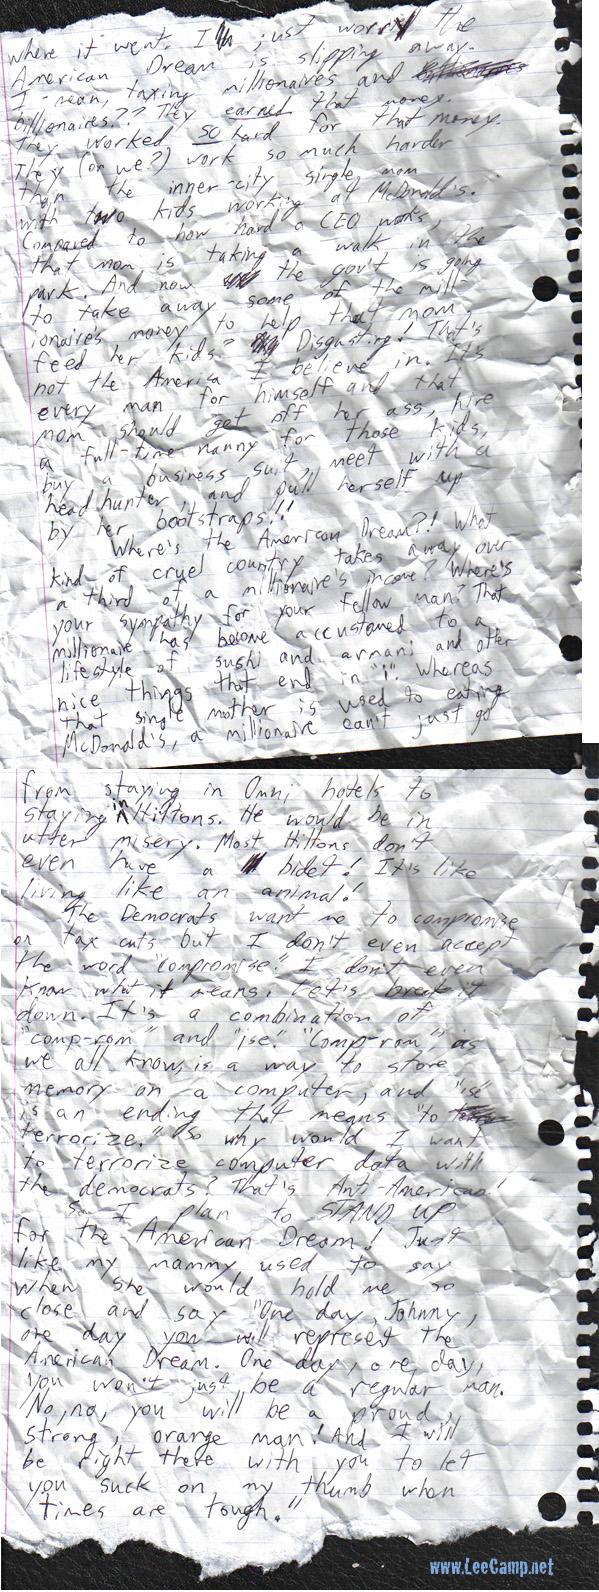 2010-12-14-boehner_final2.jpg